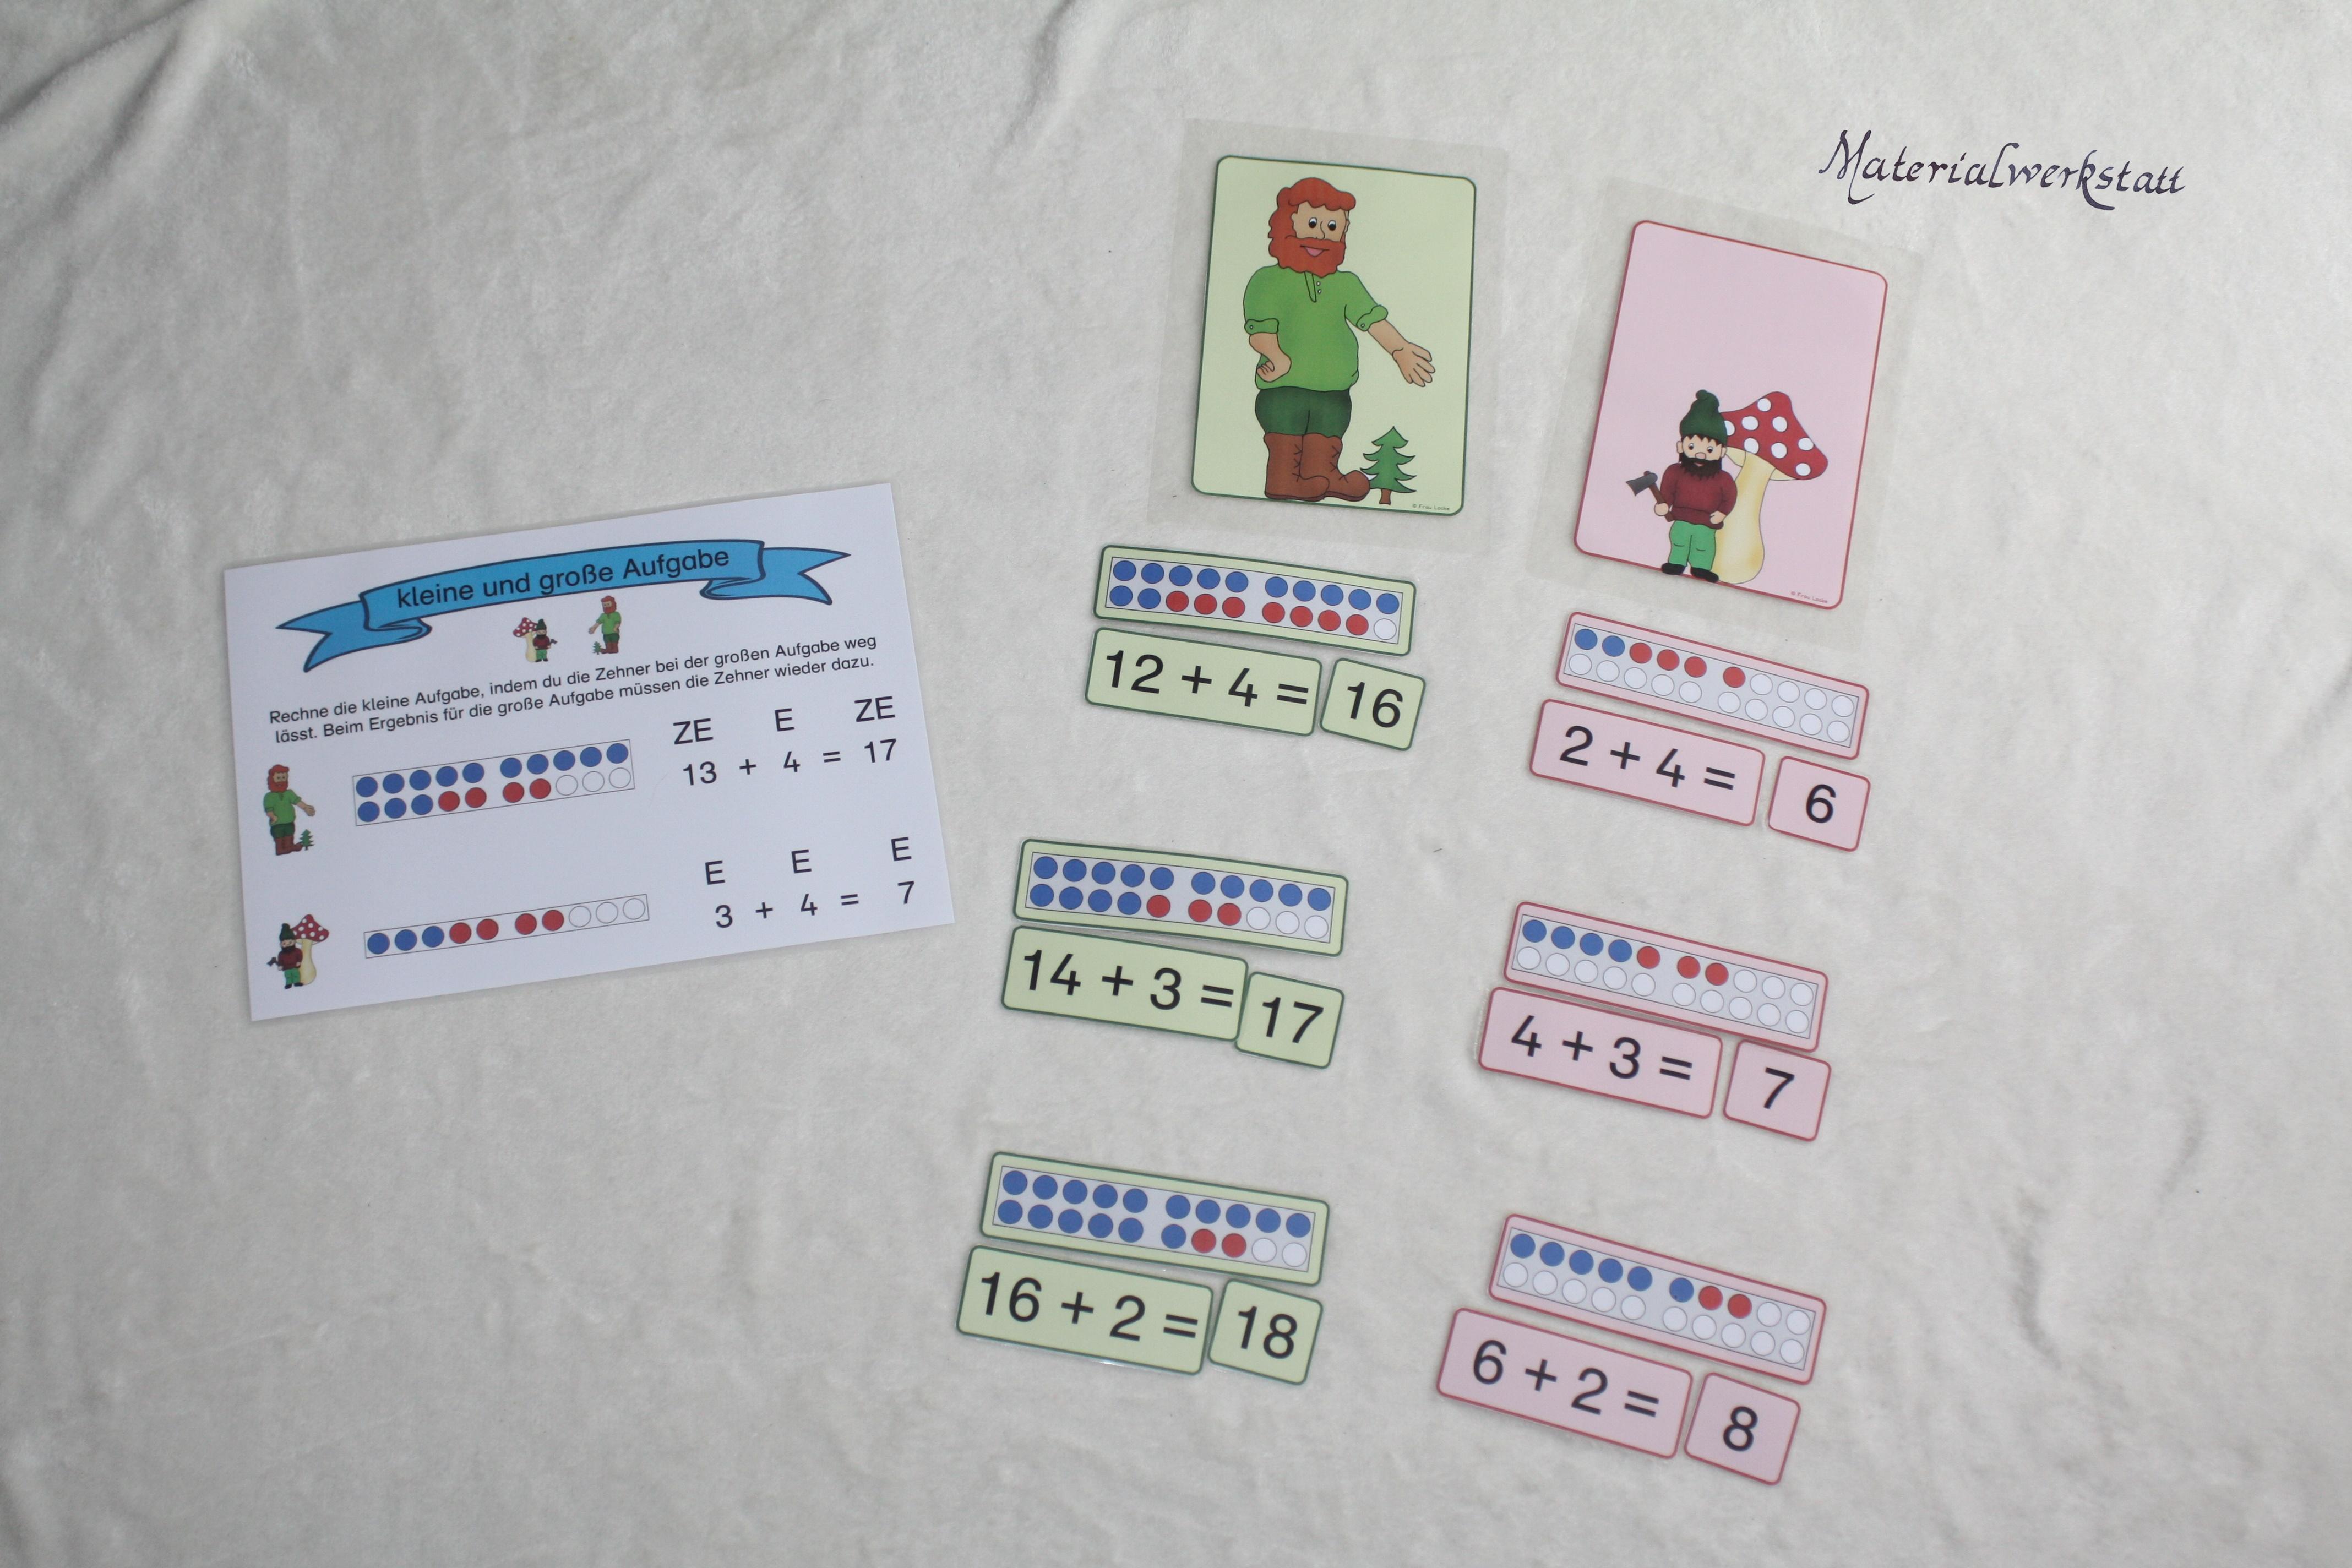 Kleine Und Gro E Aufgabe Addition Zr20 Materialwerkstatt